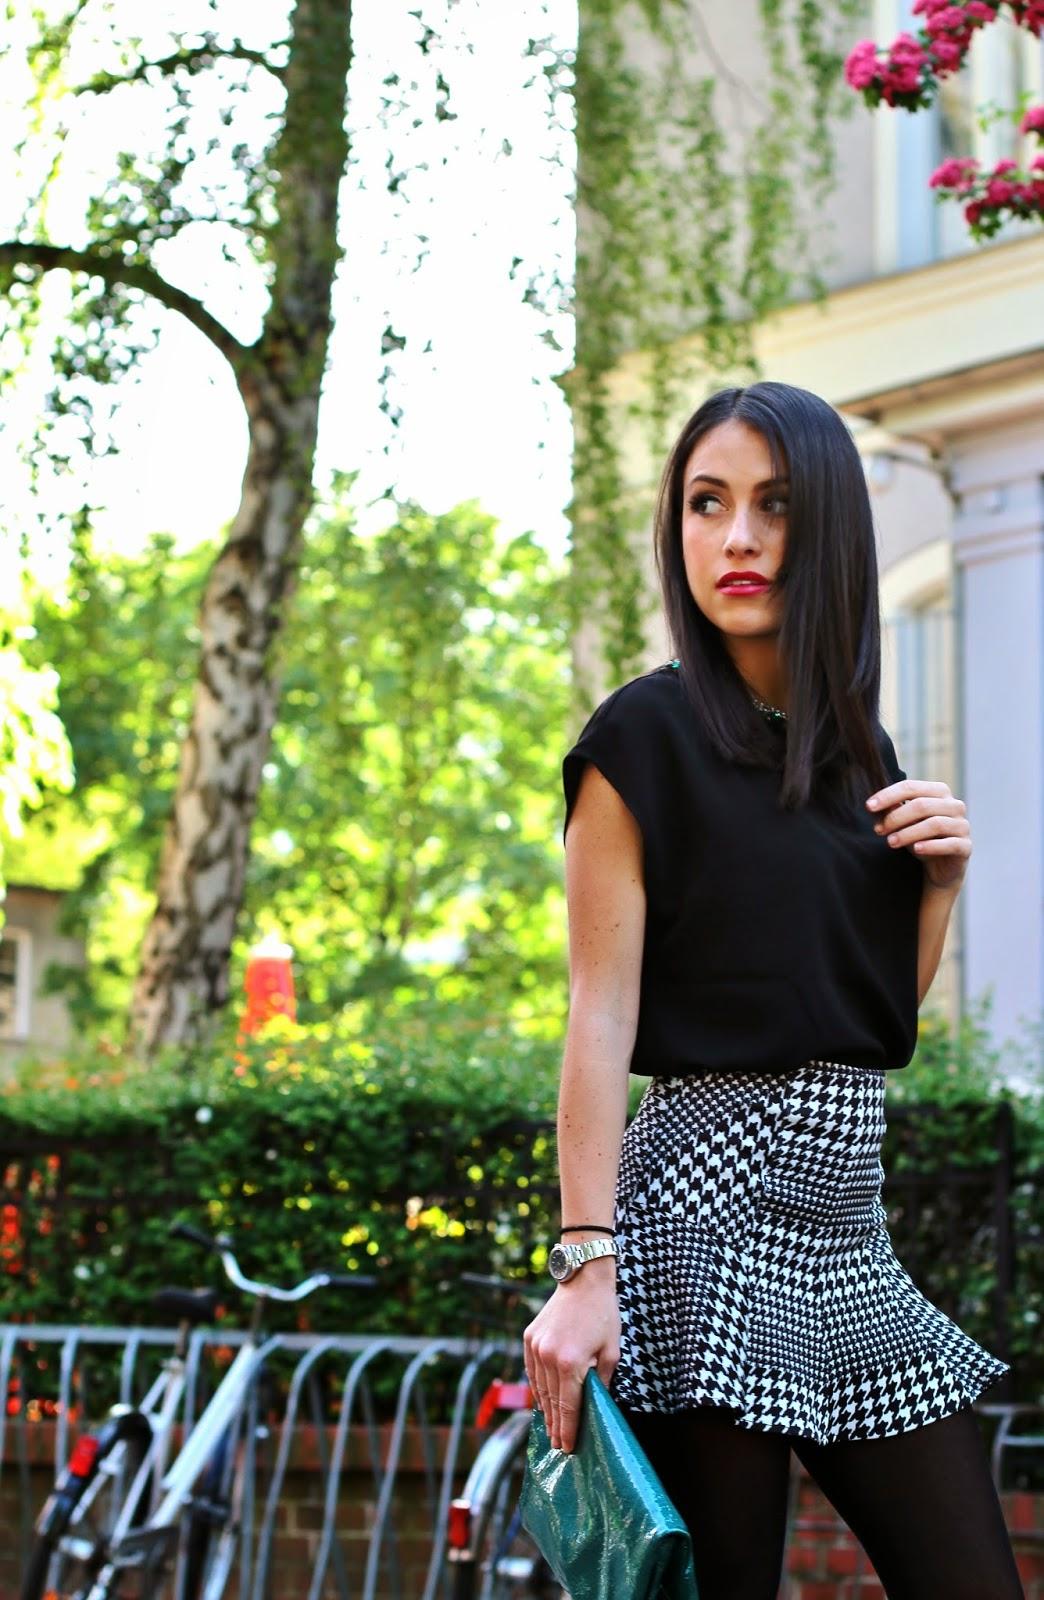 piedde_paule_skirt_berska_black_white_spring_look_2014_fashion